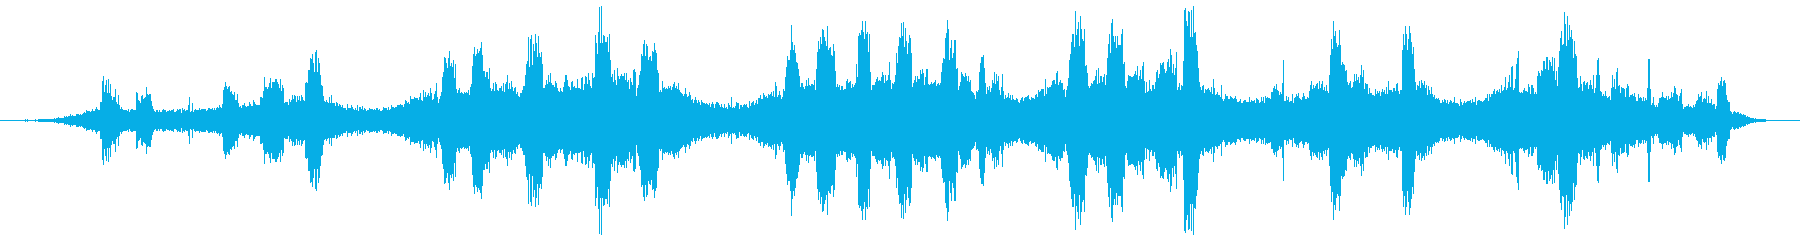 バックワードウィスパーズ、ウィスプ...の再生済みの波形